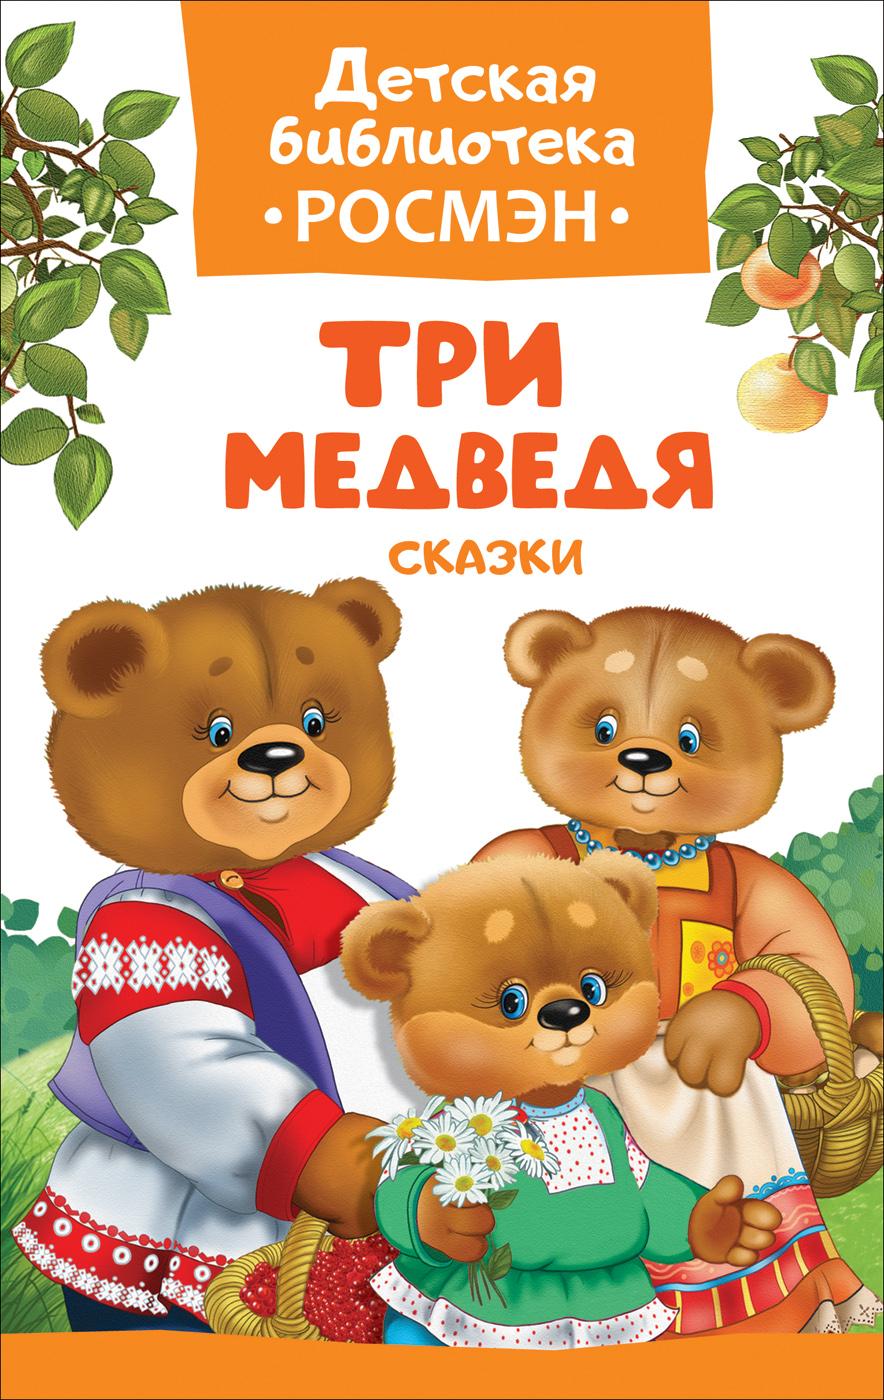 Афанасьев А. Н., Капица О. И., Толстой А. Н. Три медведя. Сказки (ДБ РОСМЭН) цены